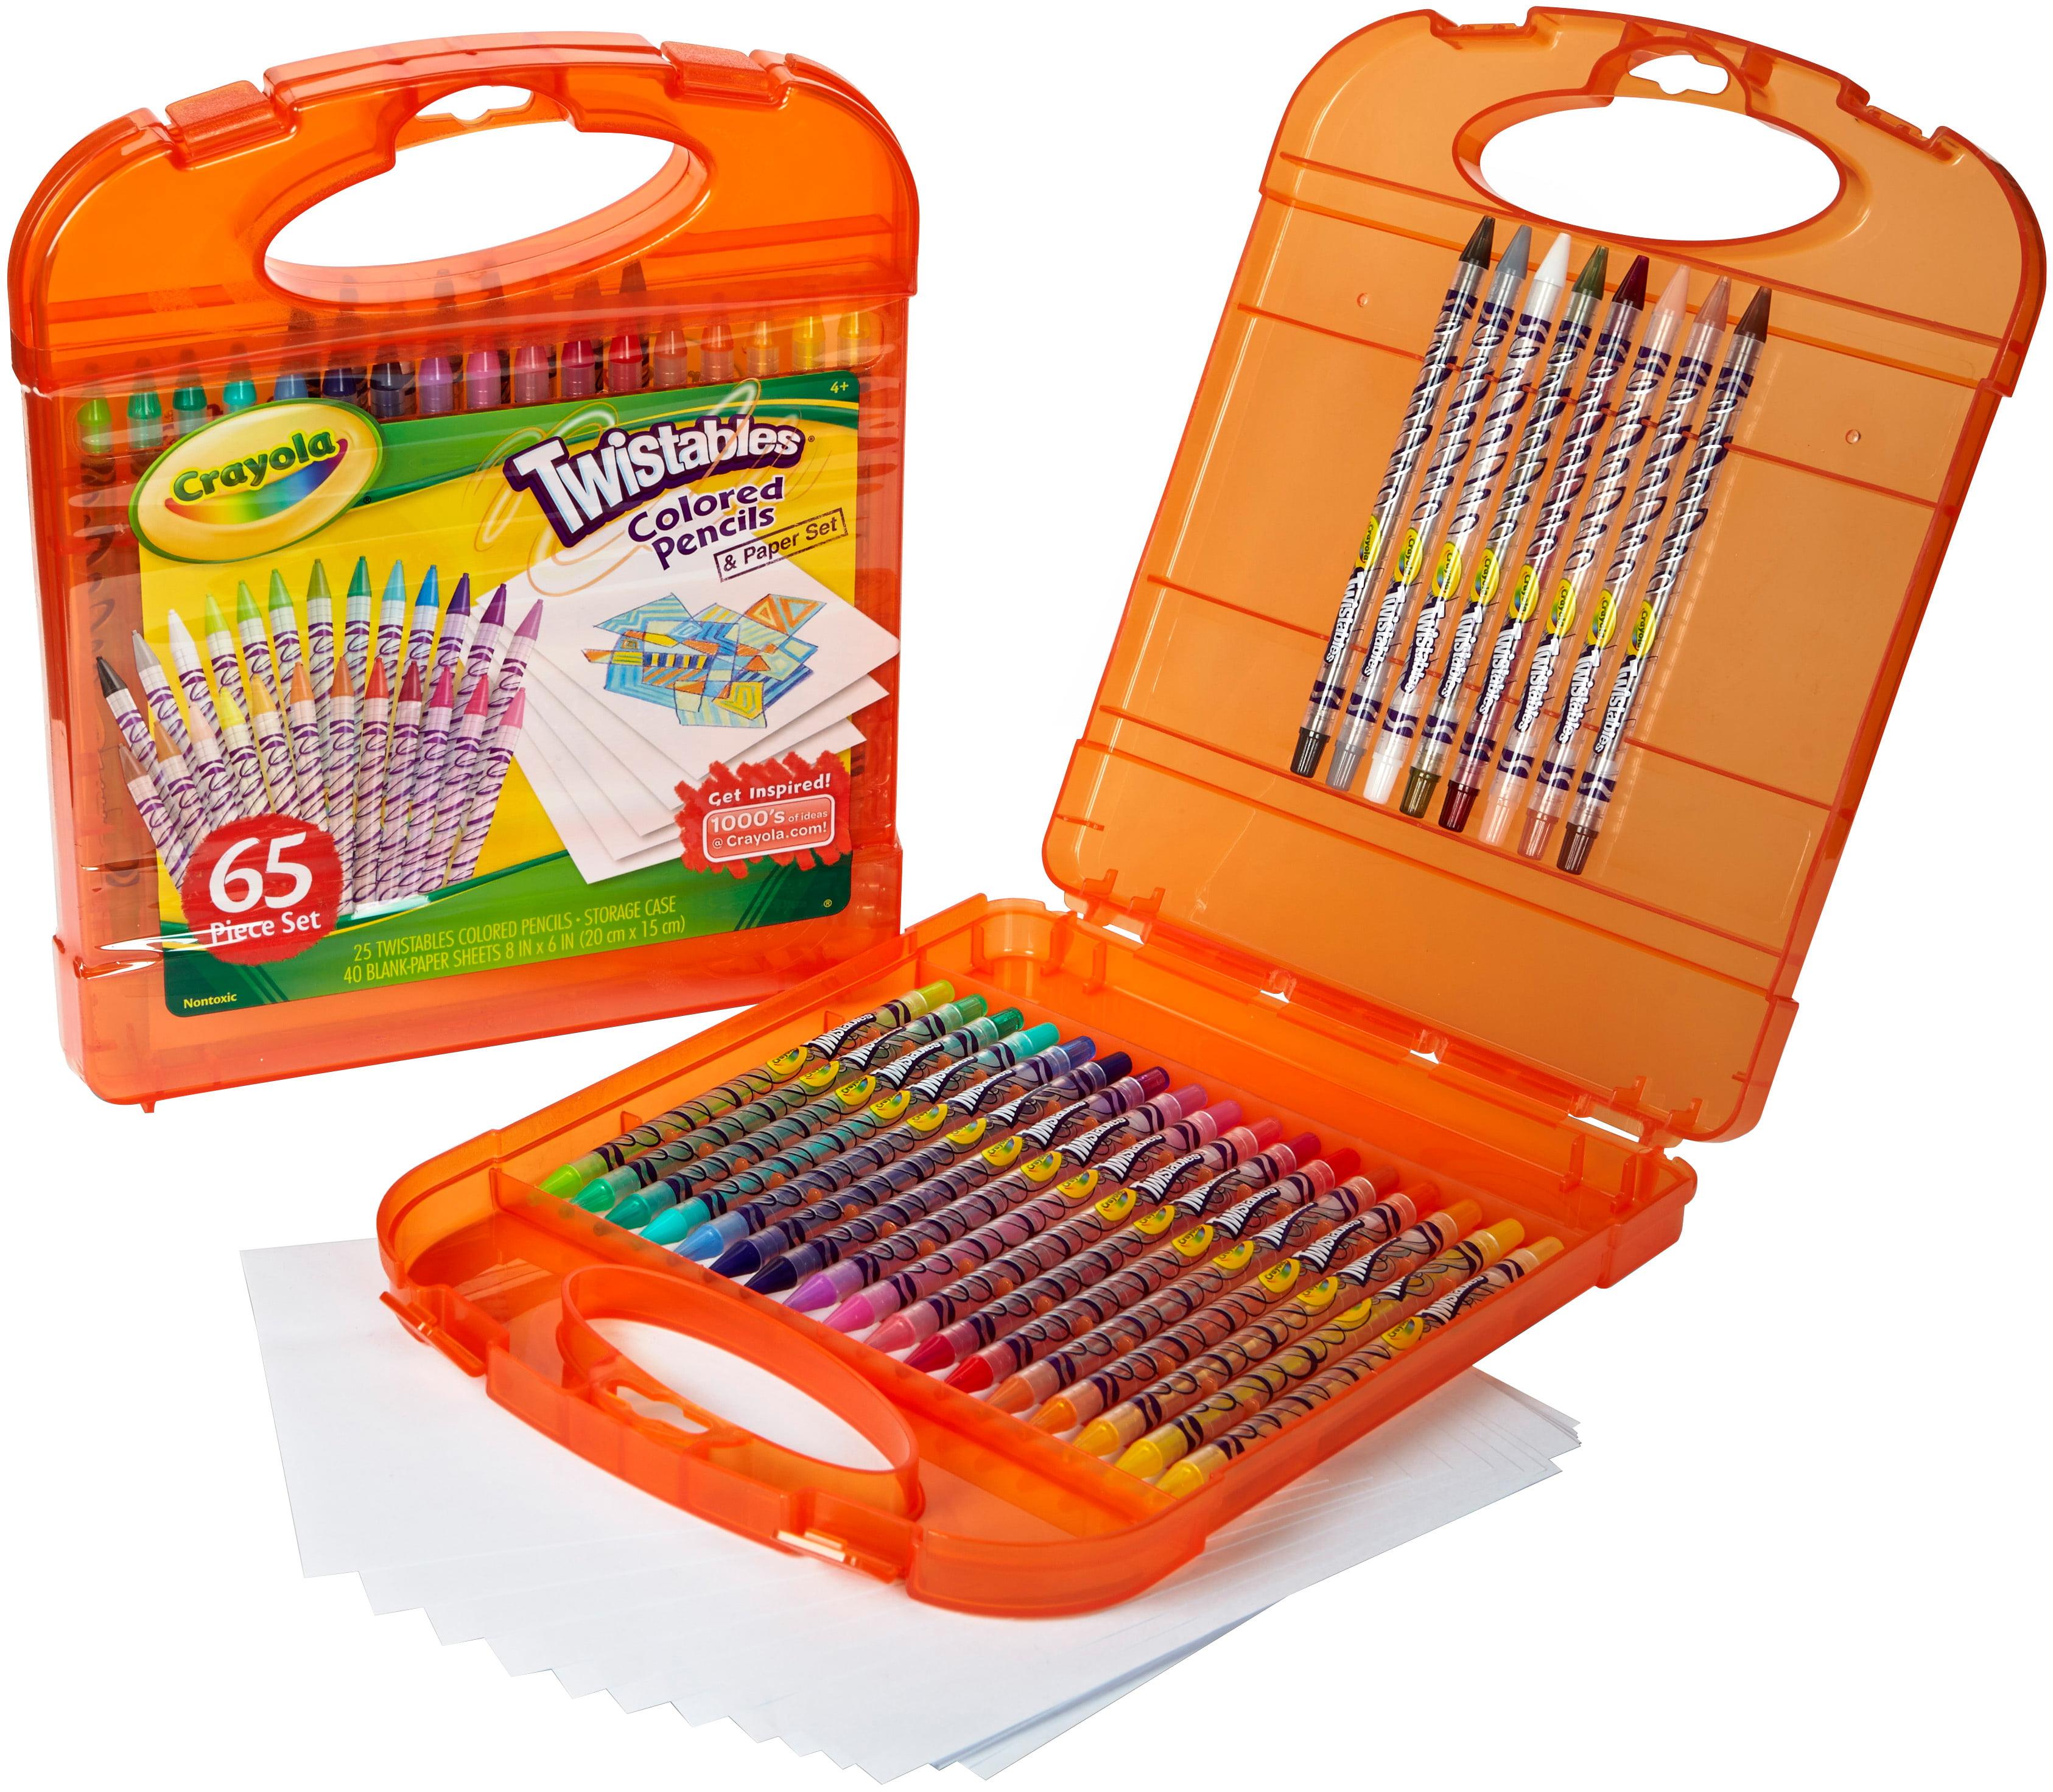 Crayola 65 Piece Twistables Colored Pencil Kit by Crayola